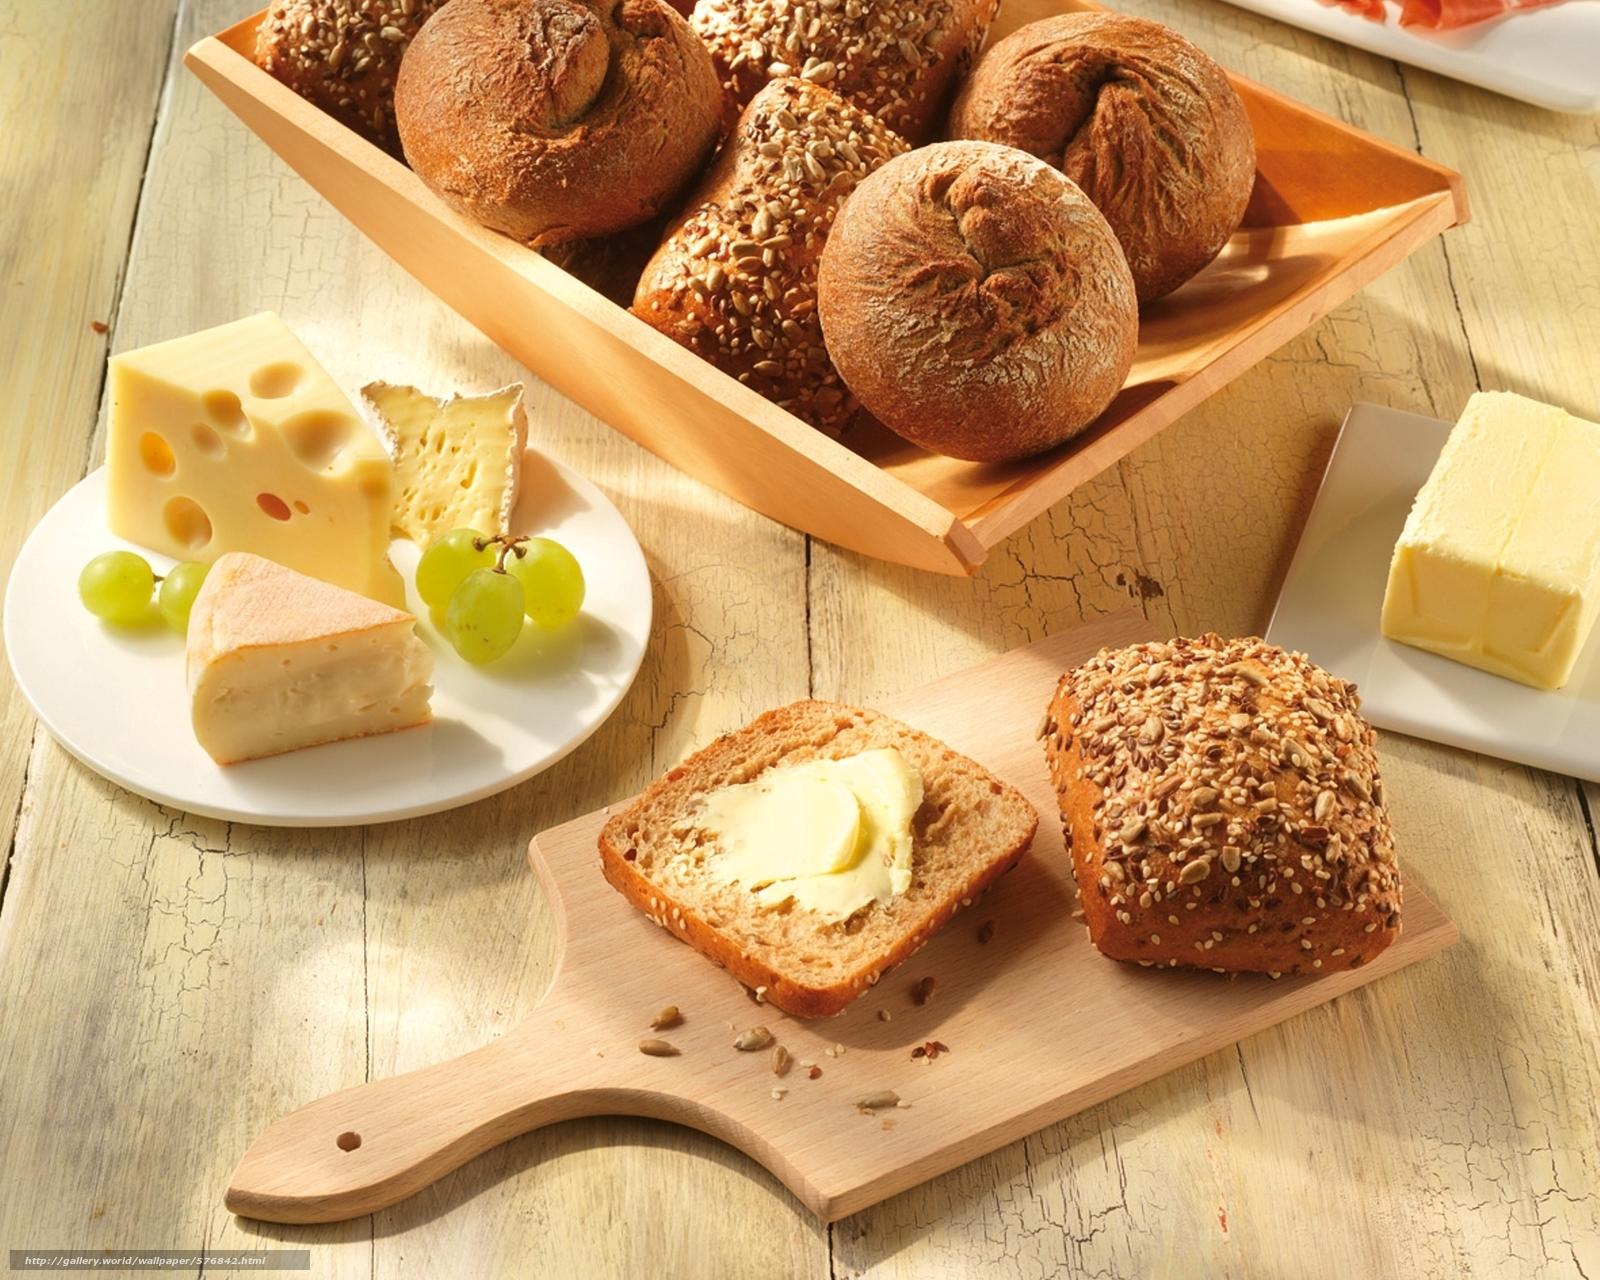 下载壁纸 食物,  奶酪,  面包,  葵花籽 免费为您的桌面分辨率的壁纸 1920x1536 — 图片 №576842